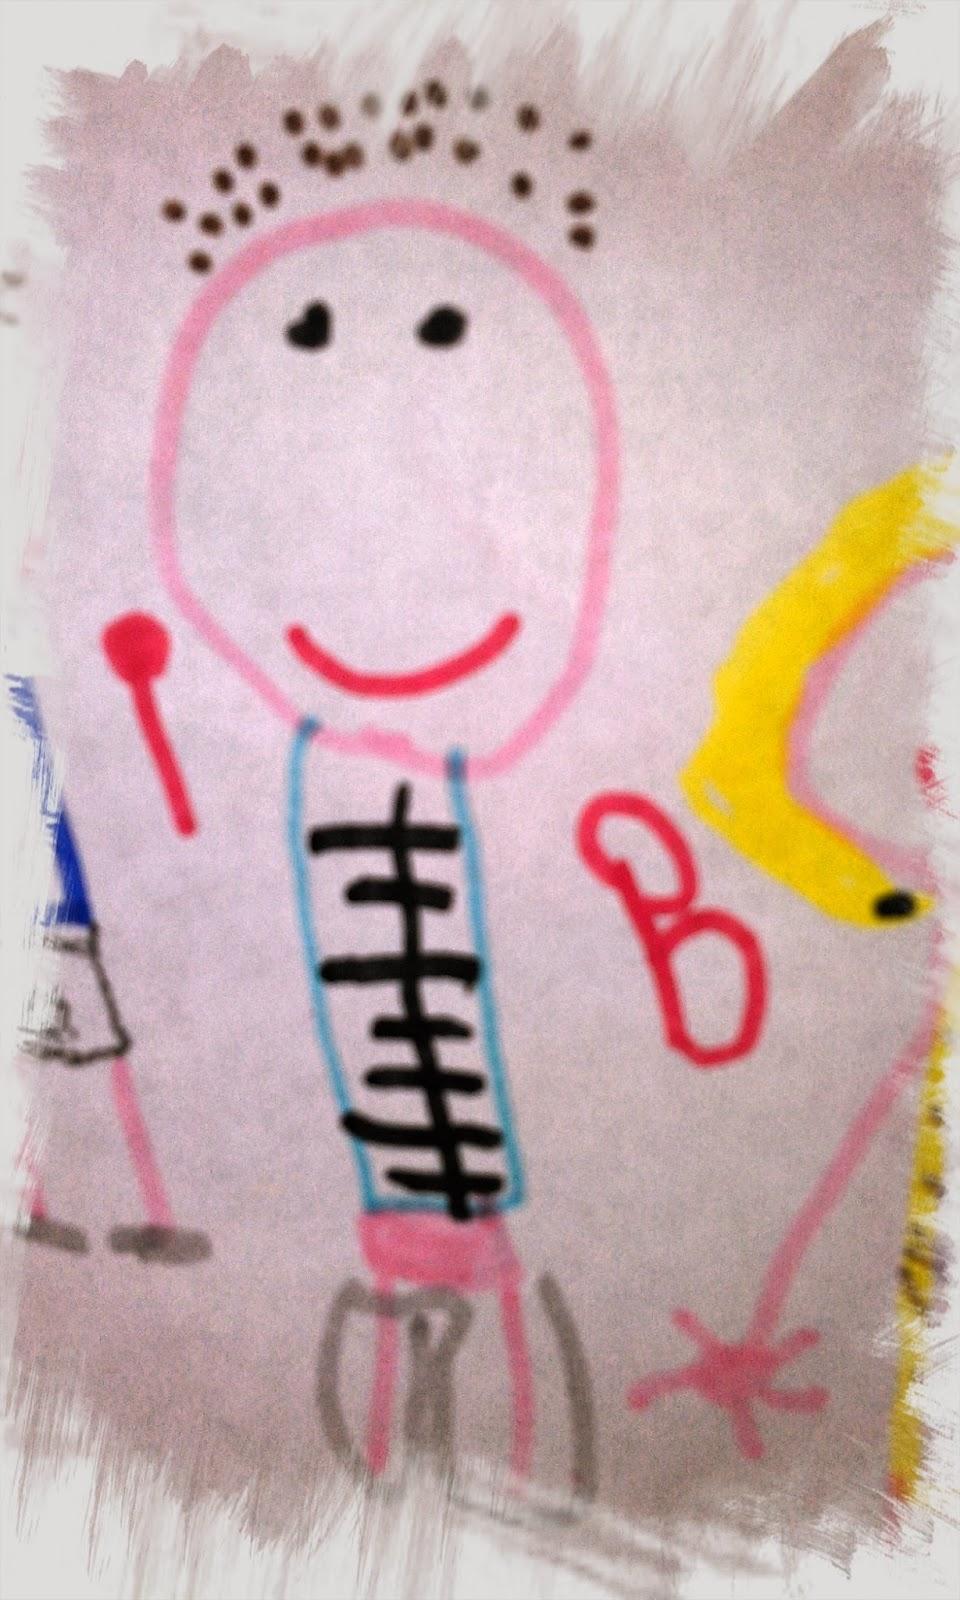 La Psicologia Con I Bambini Interpretiamo I Disegni La Figura Umana